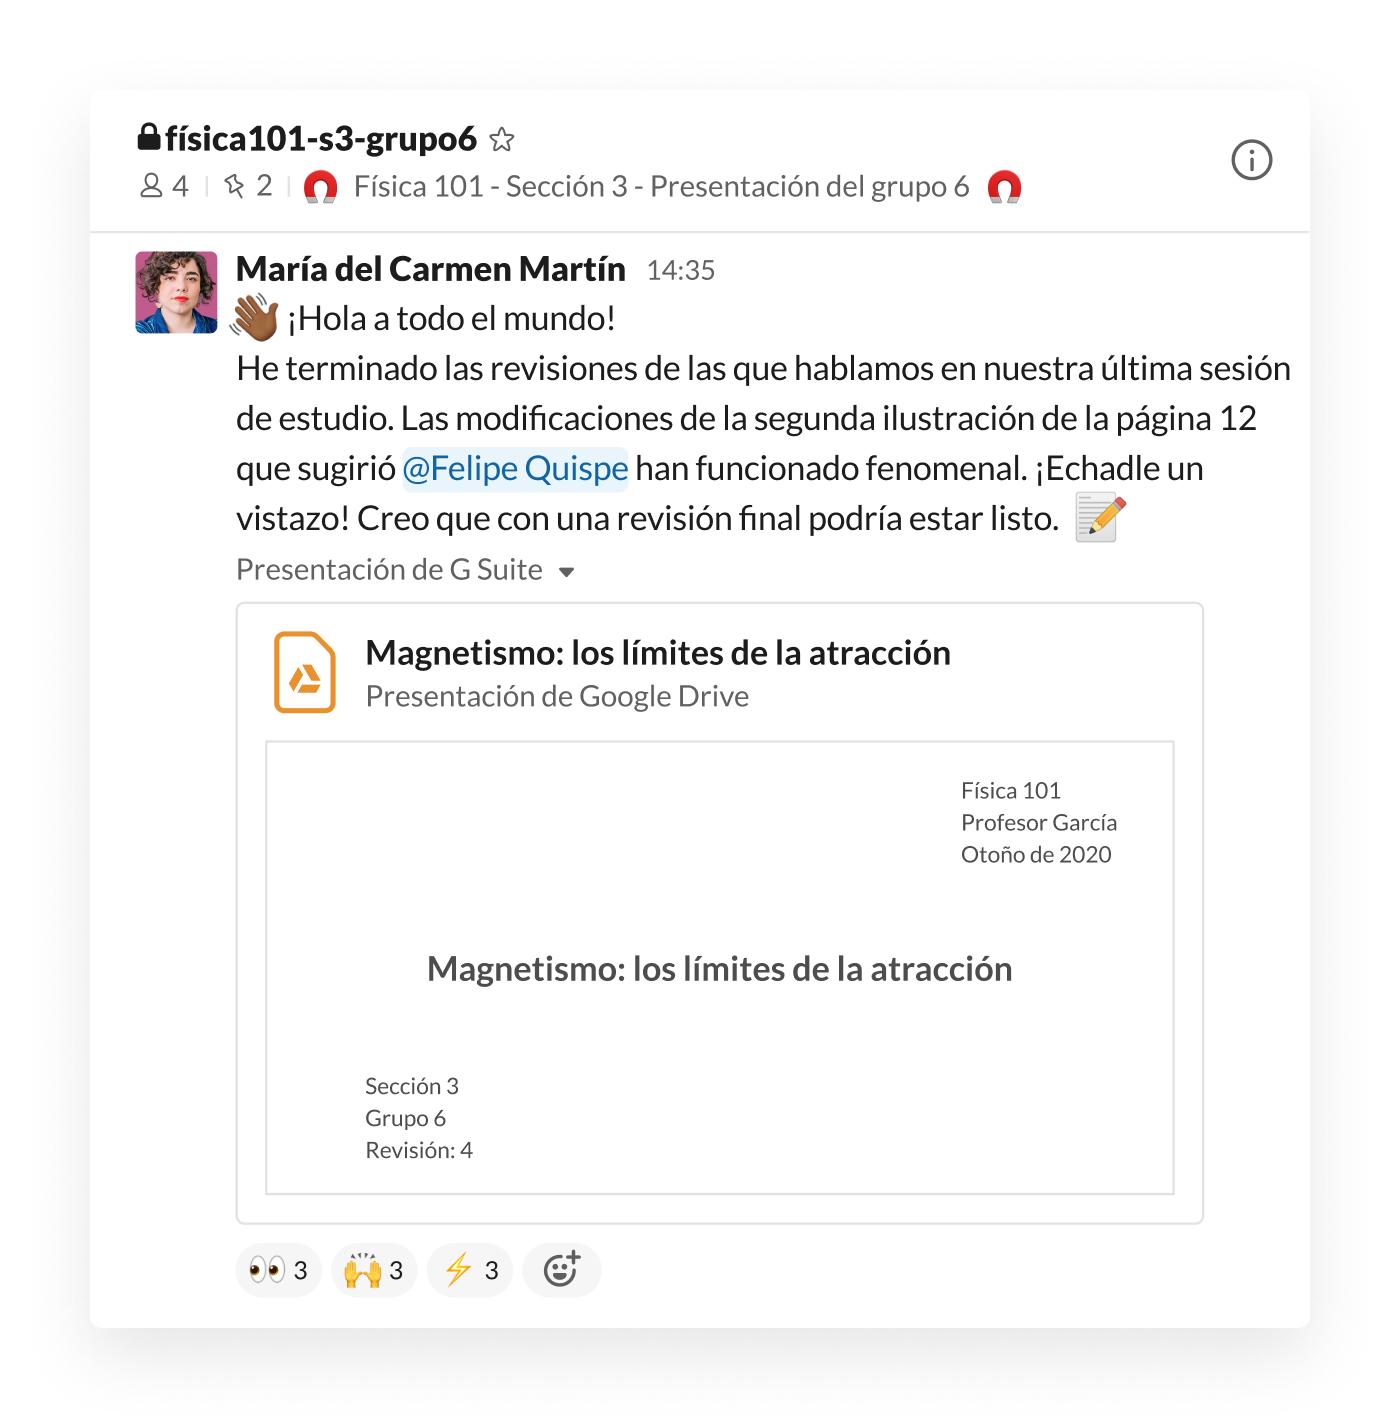 Presentación de estudiantes publicada en un canal de Slack